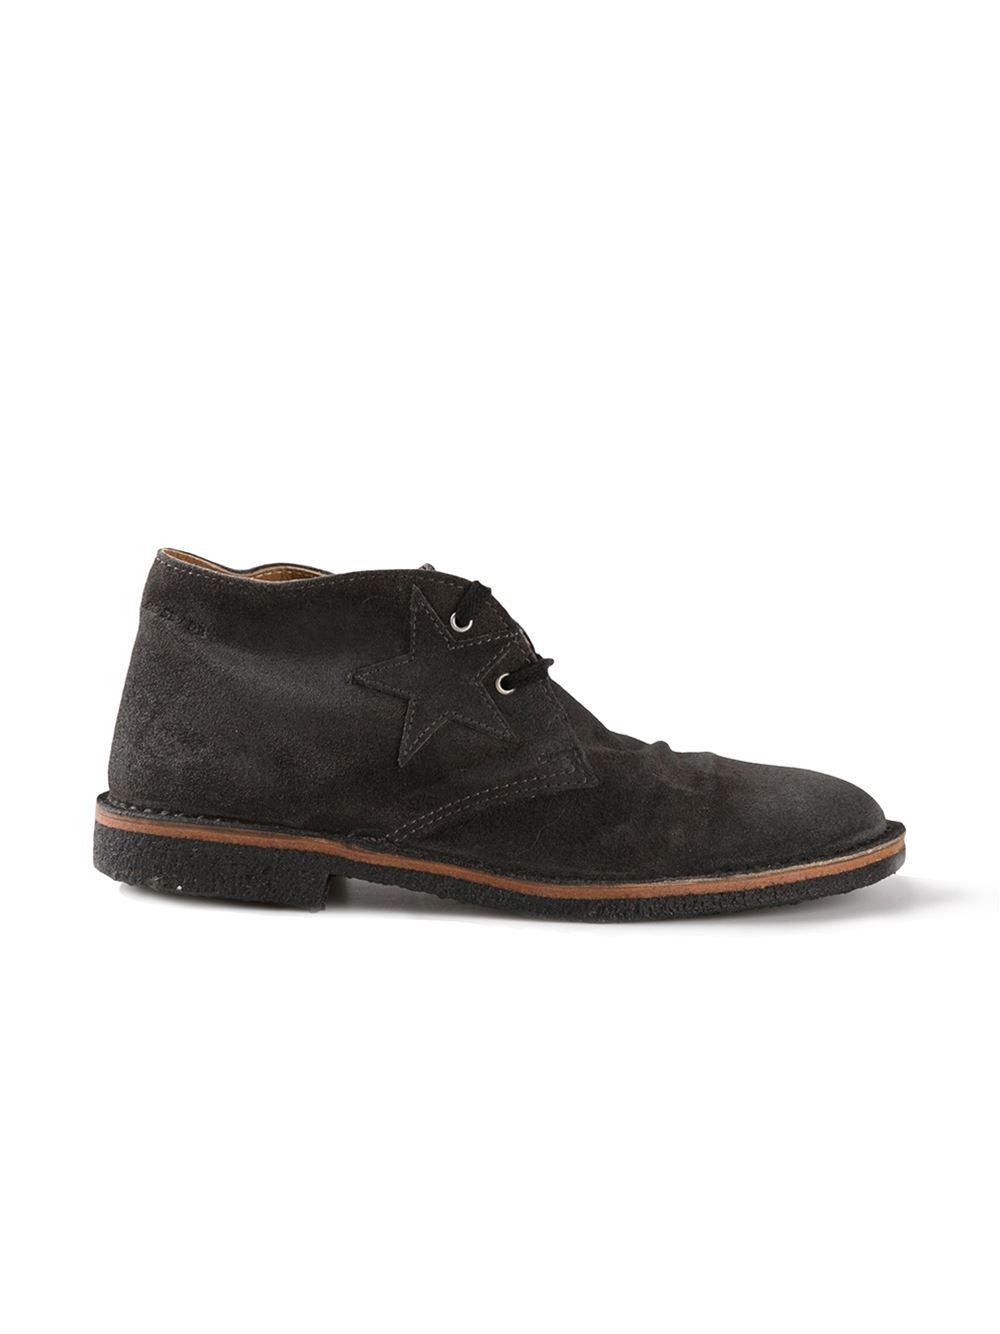 Golden Goose Deluxe Brand 'City' Boots in Grey (Grey)